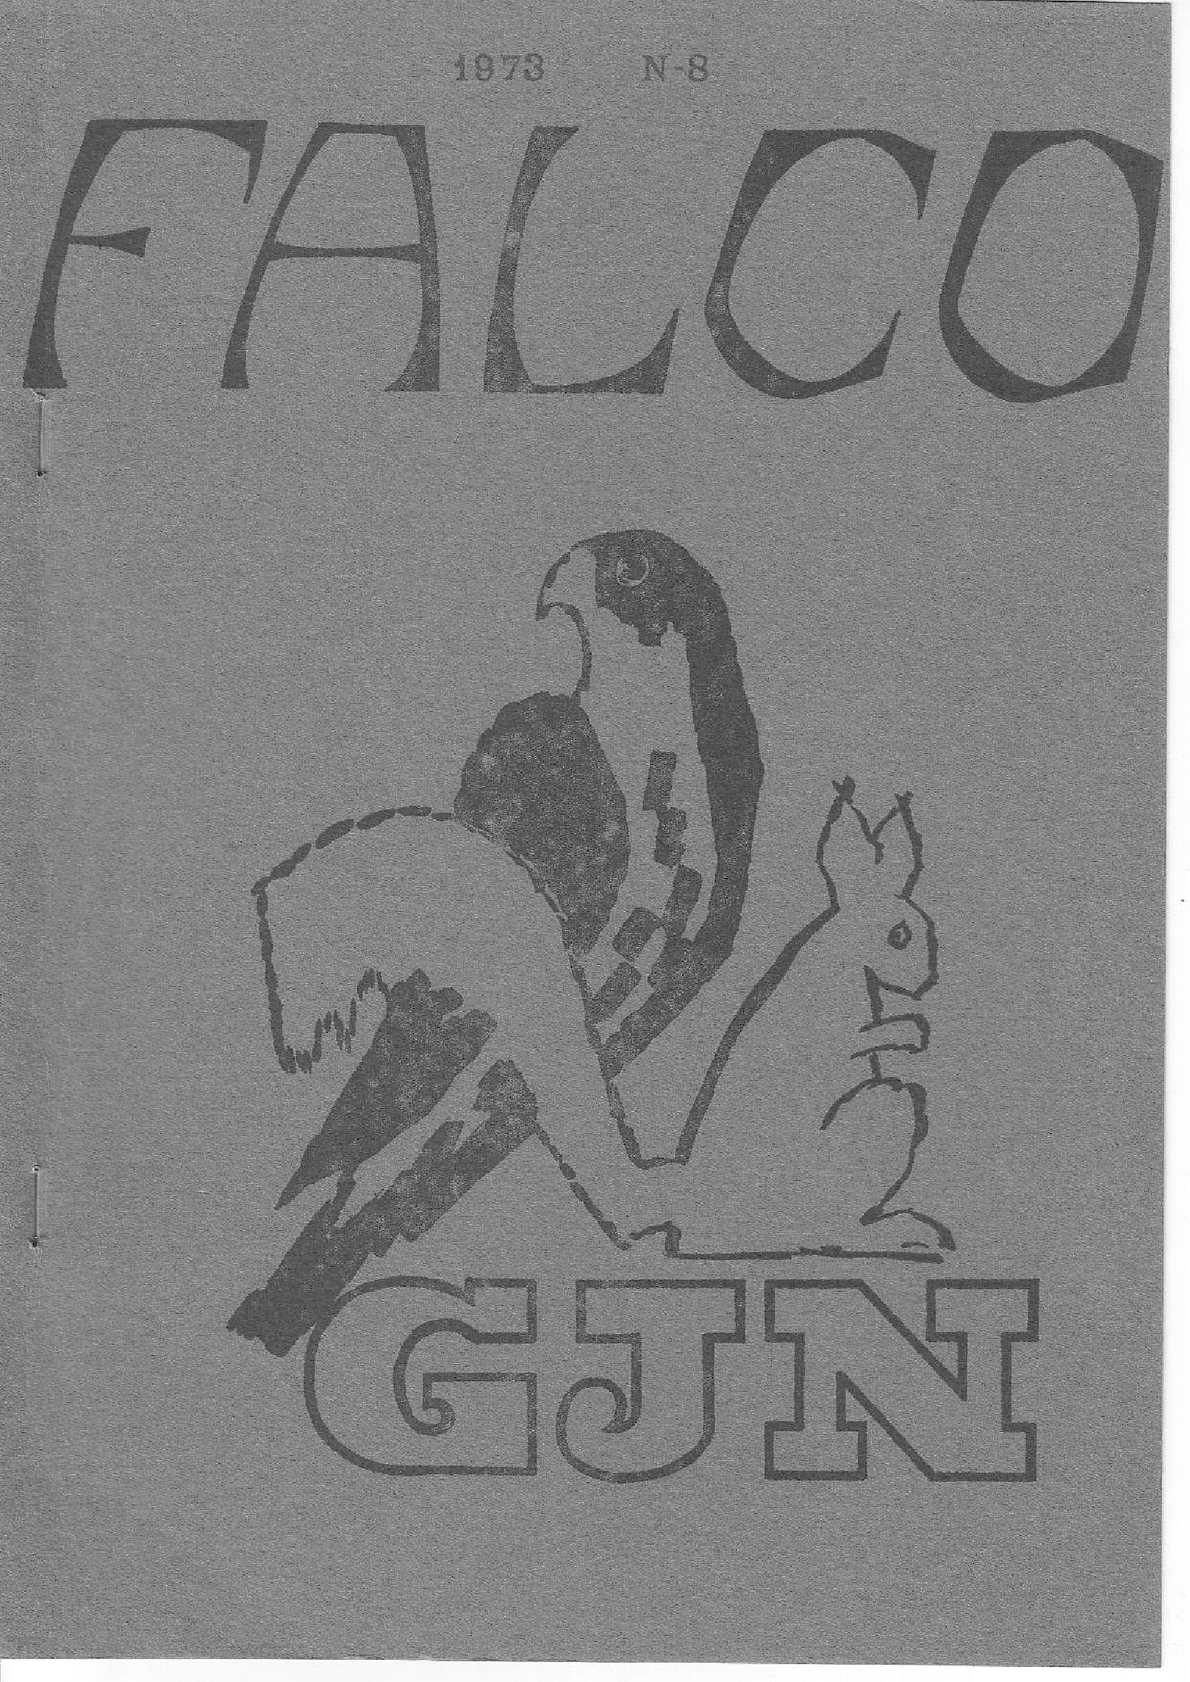 Falco 8 (1973).